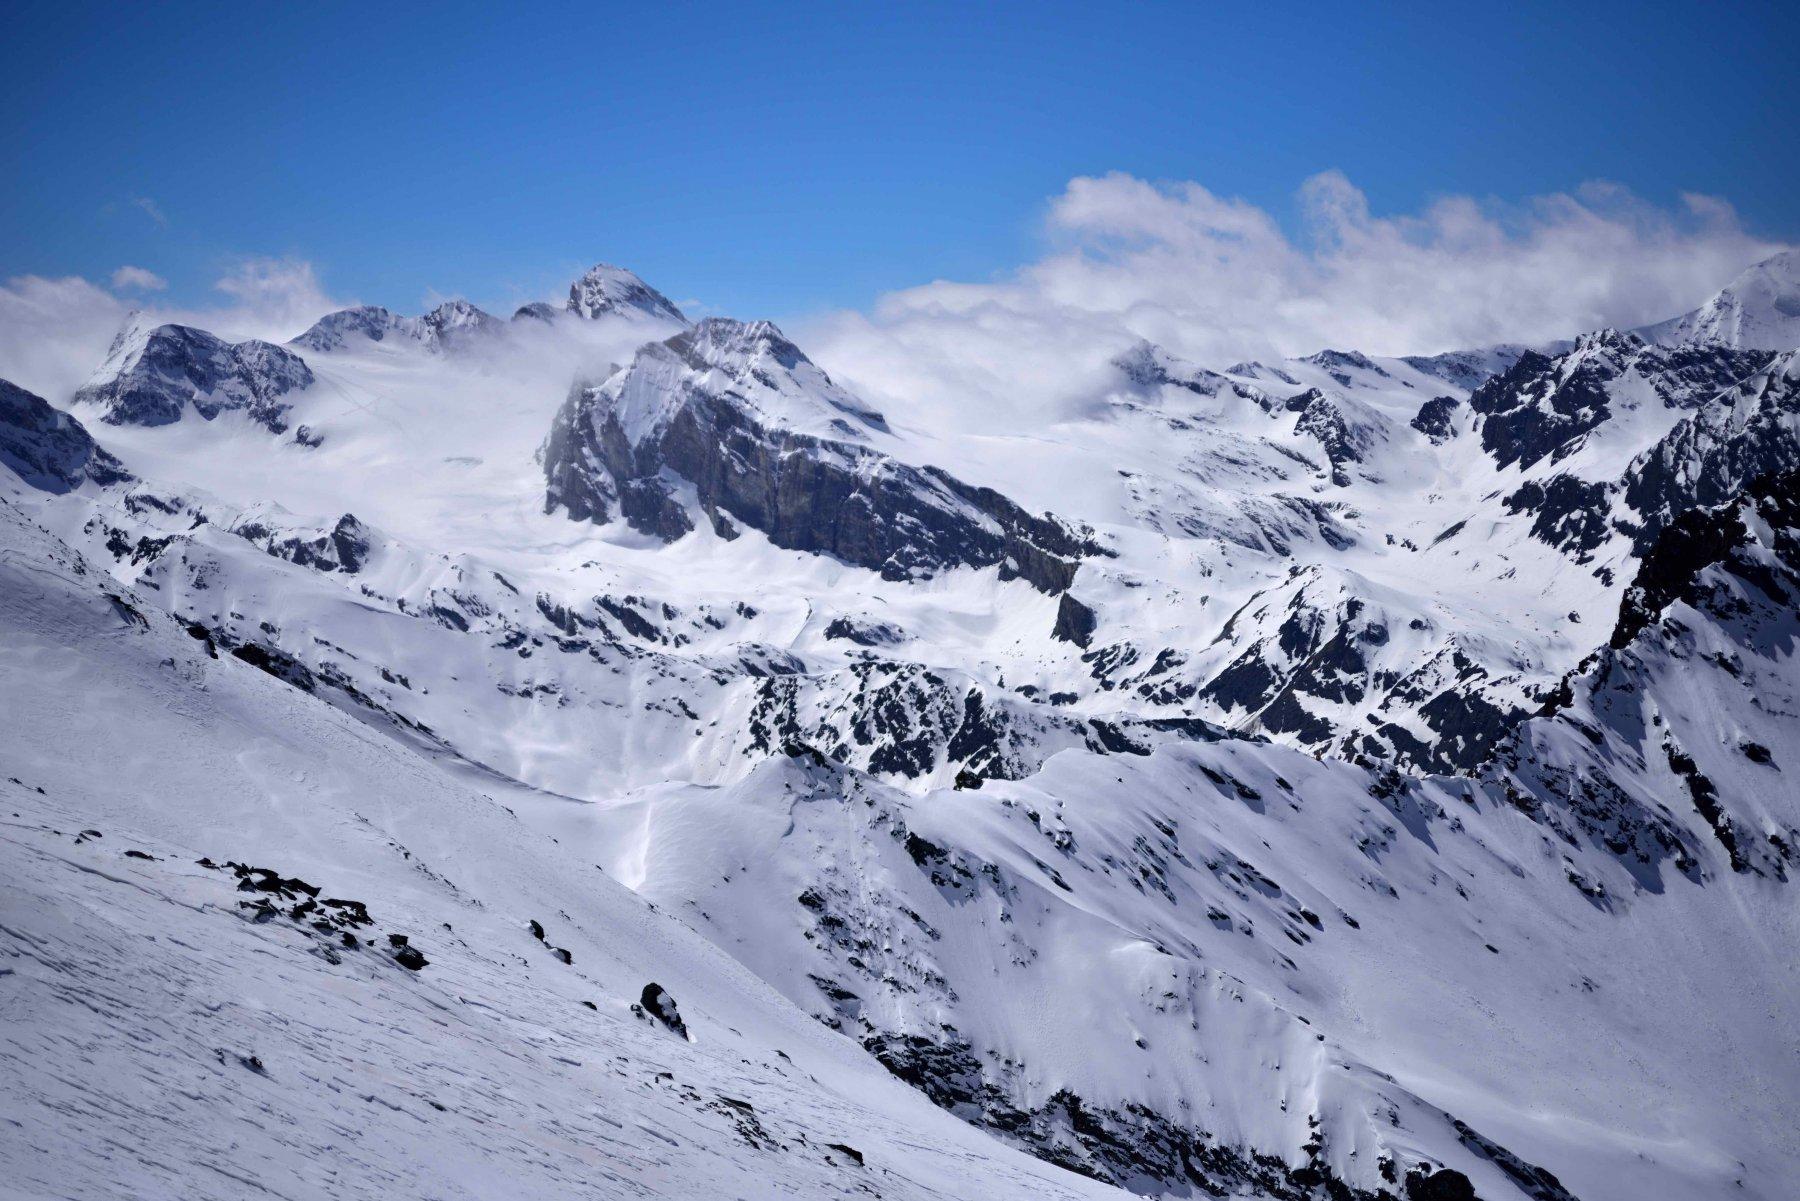 Le montagne della Val di Rhemes dalla vetta.